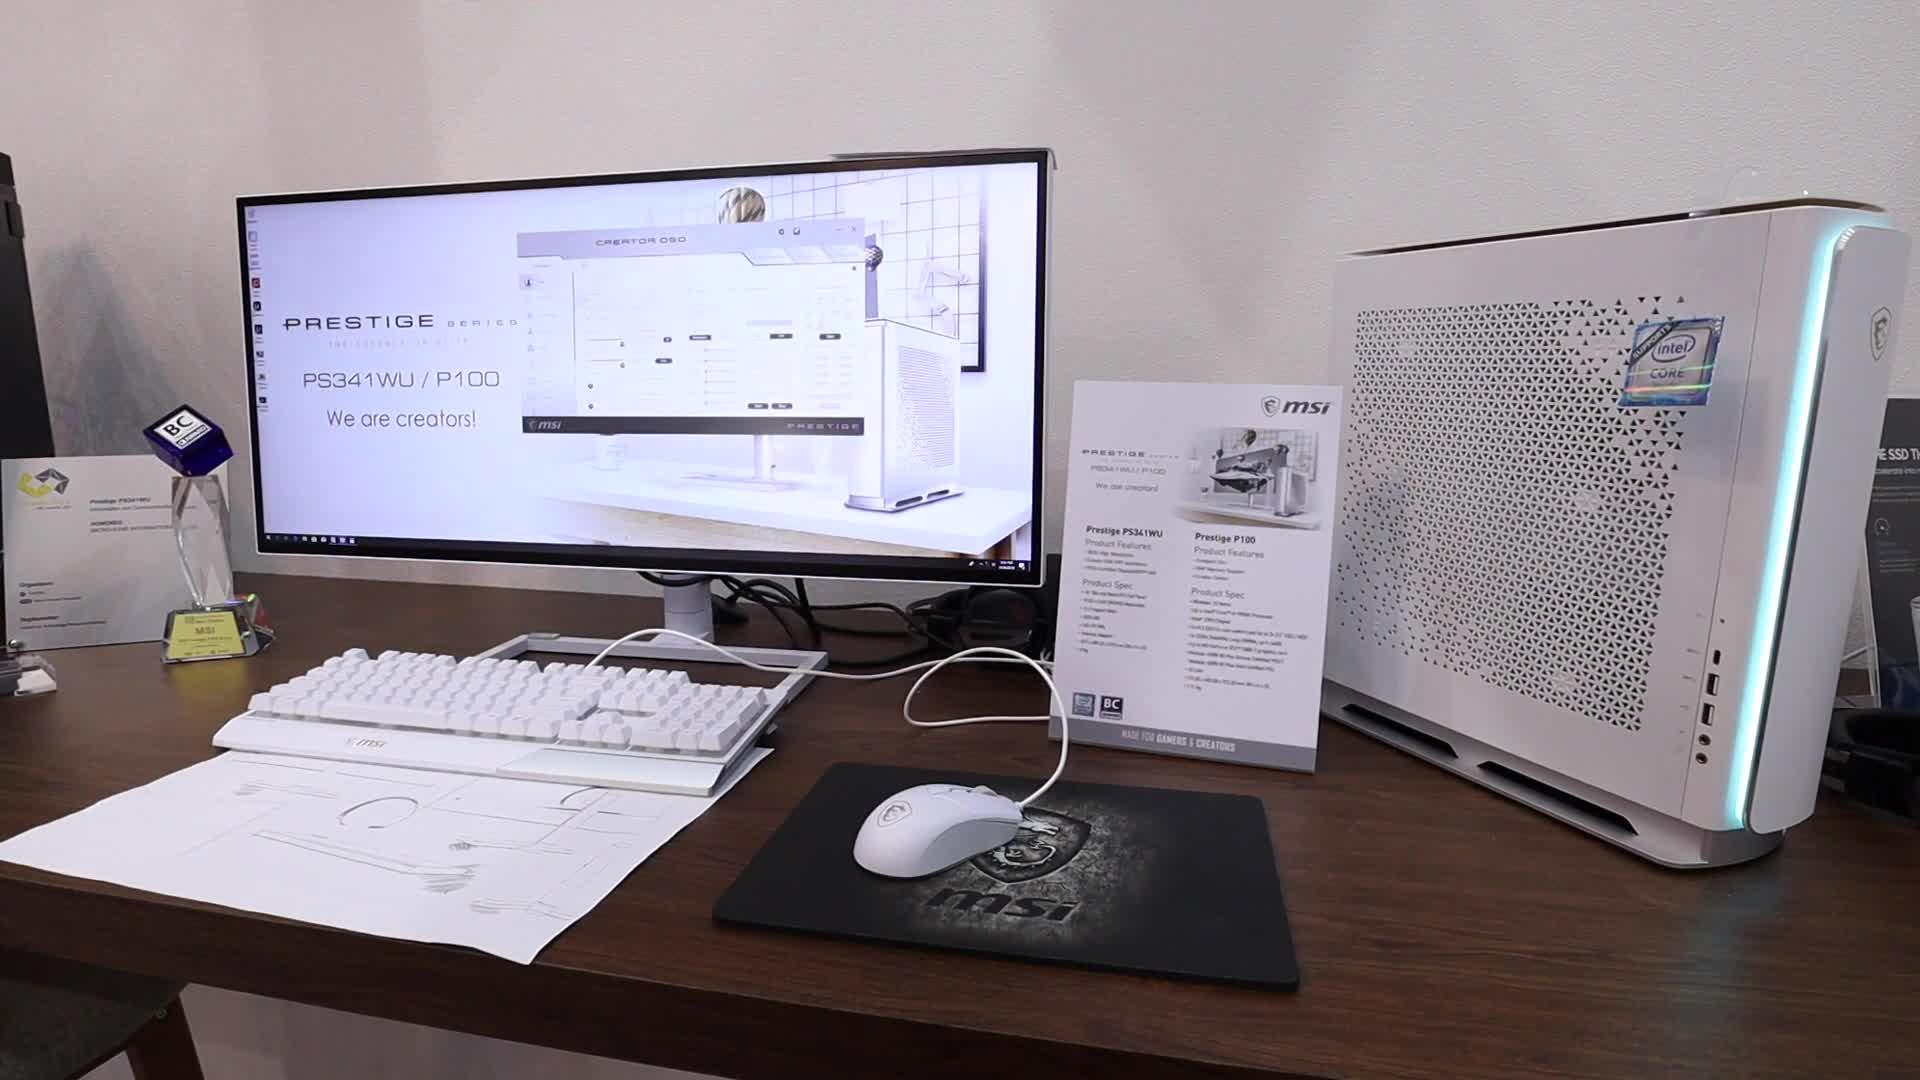 Computex, NewGadgets, Johannes Knapp, Msi, Computex 2019, Desktop PC, MSI Prestige, MSI Prestige P100, Prestige P100